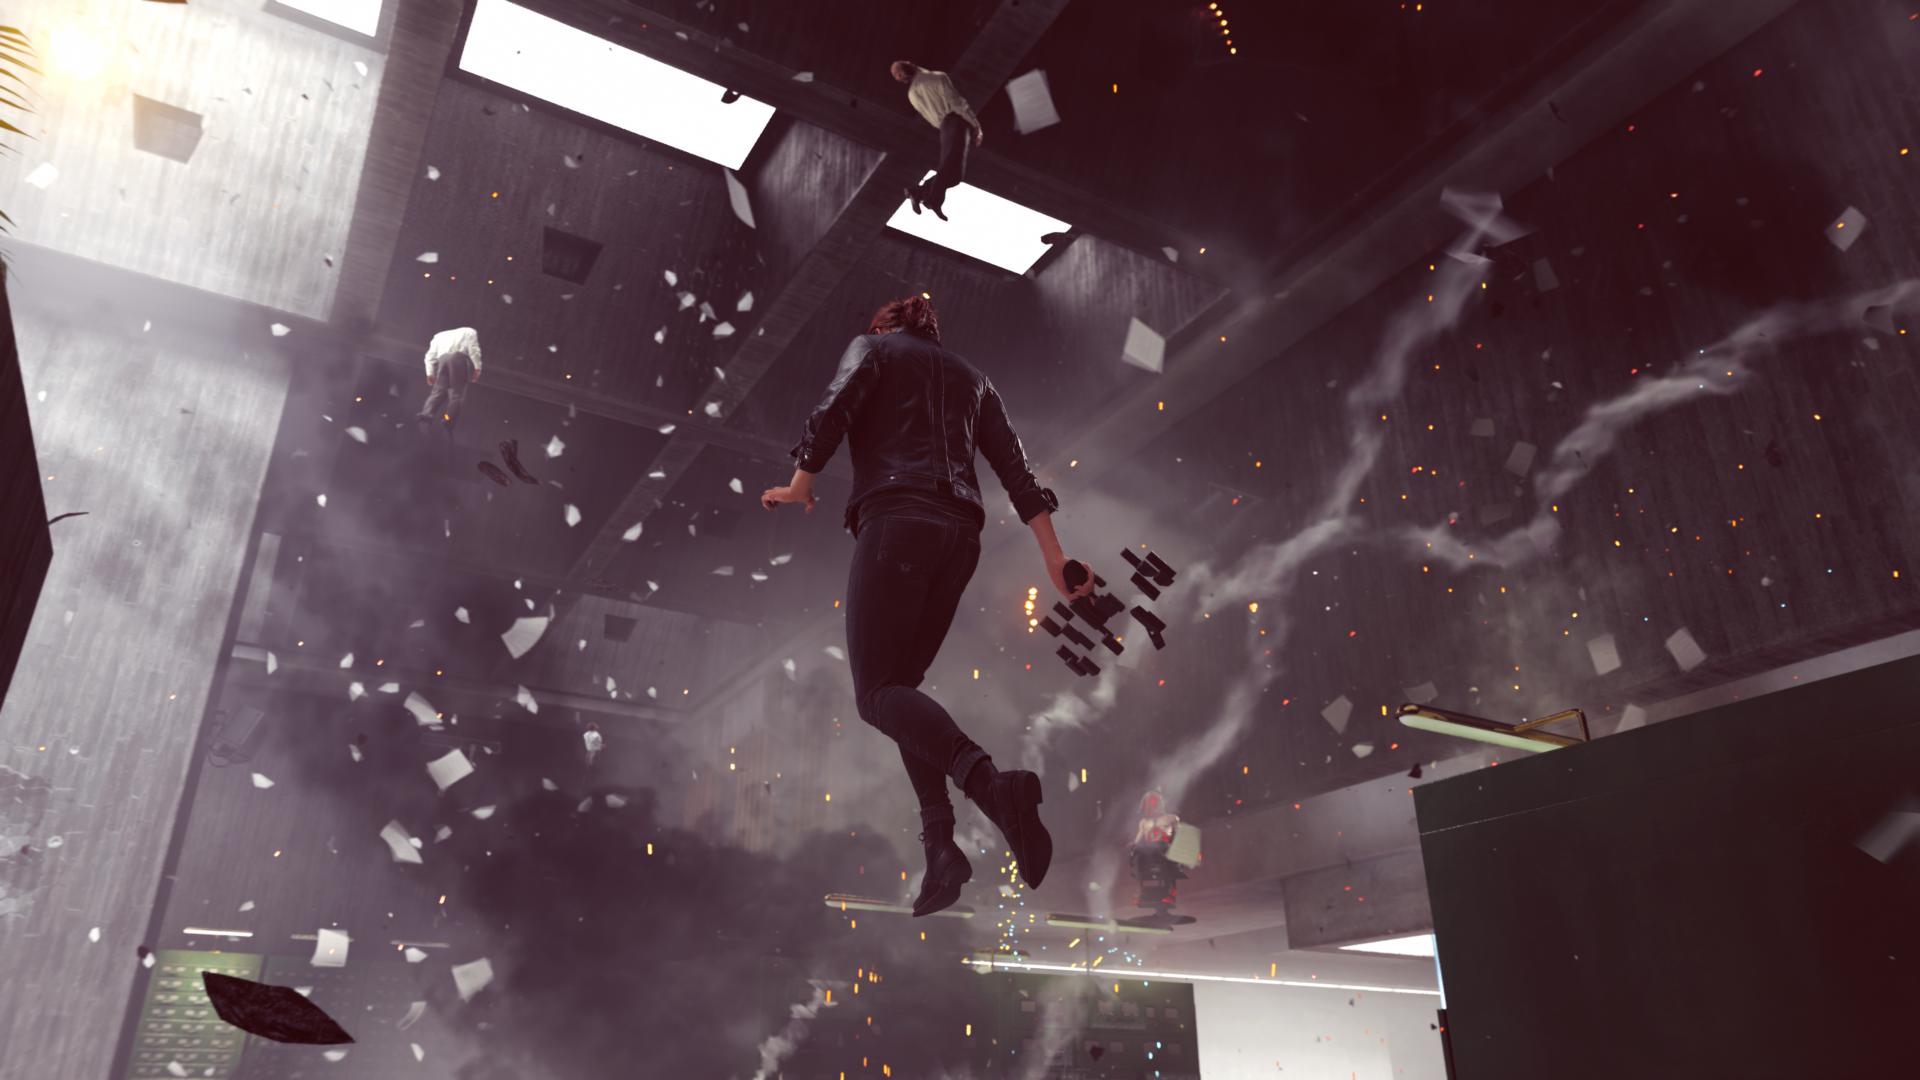 Control angespielt: Volle Kontrolle im Mikrokosmos - Artwork von Control (Bild: Remedy Entertainment)